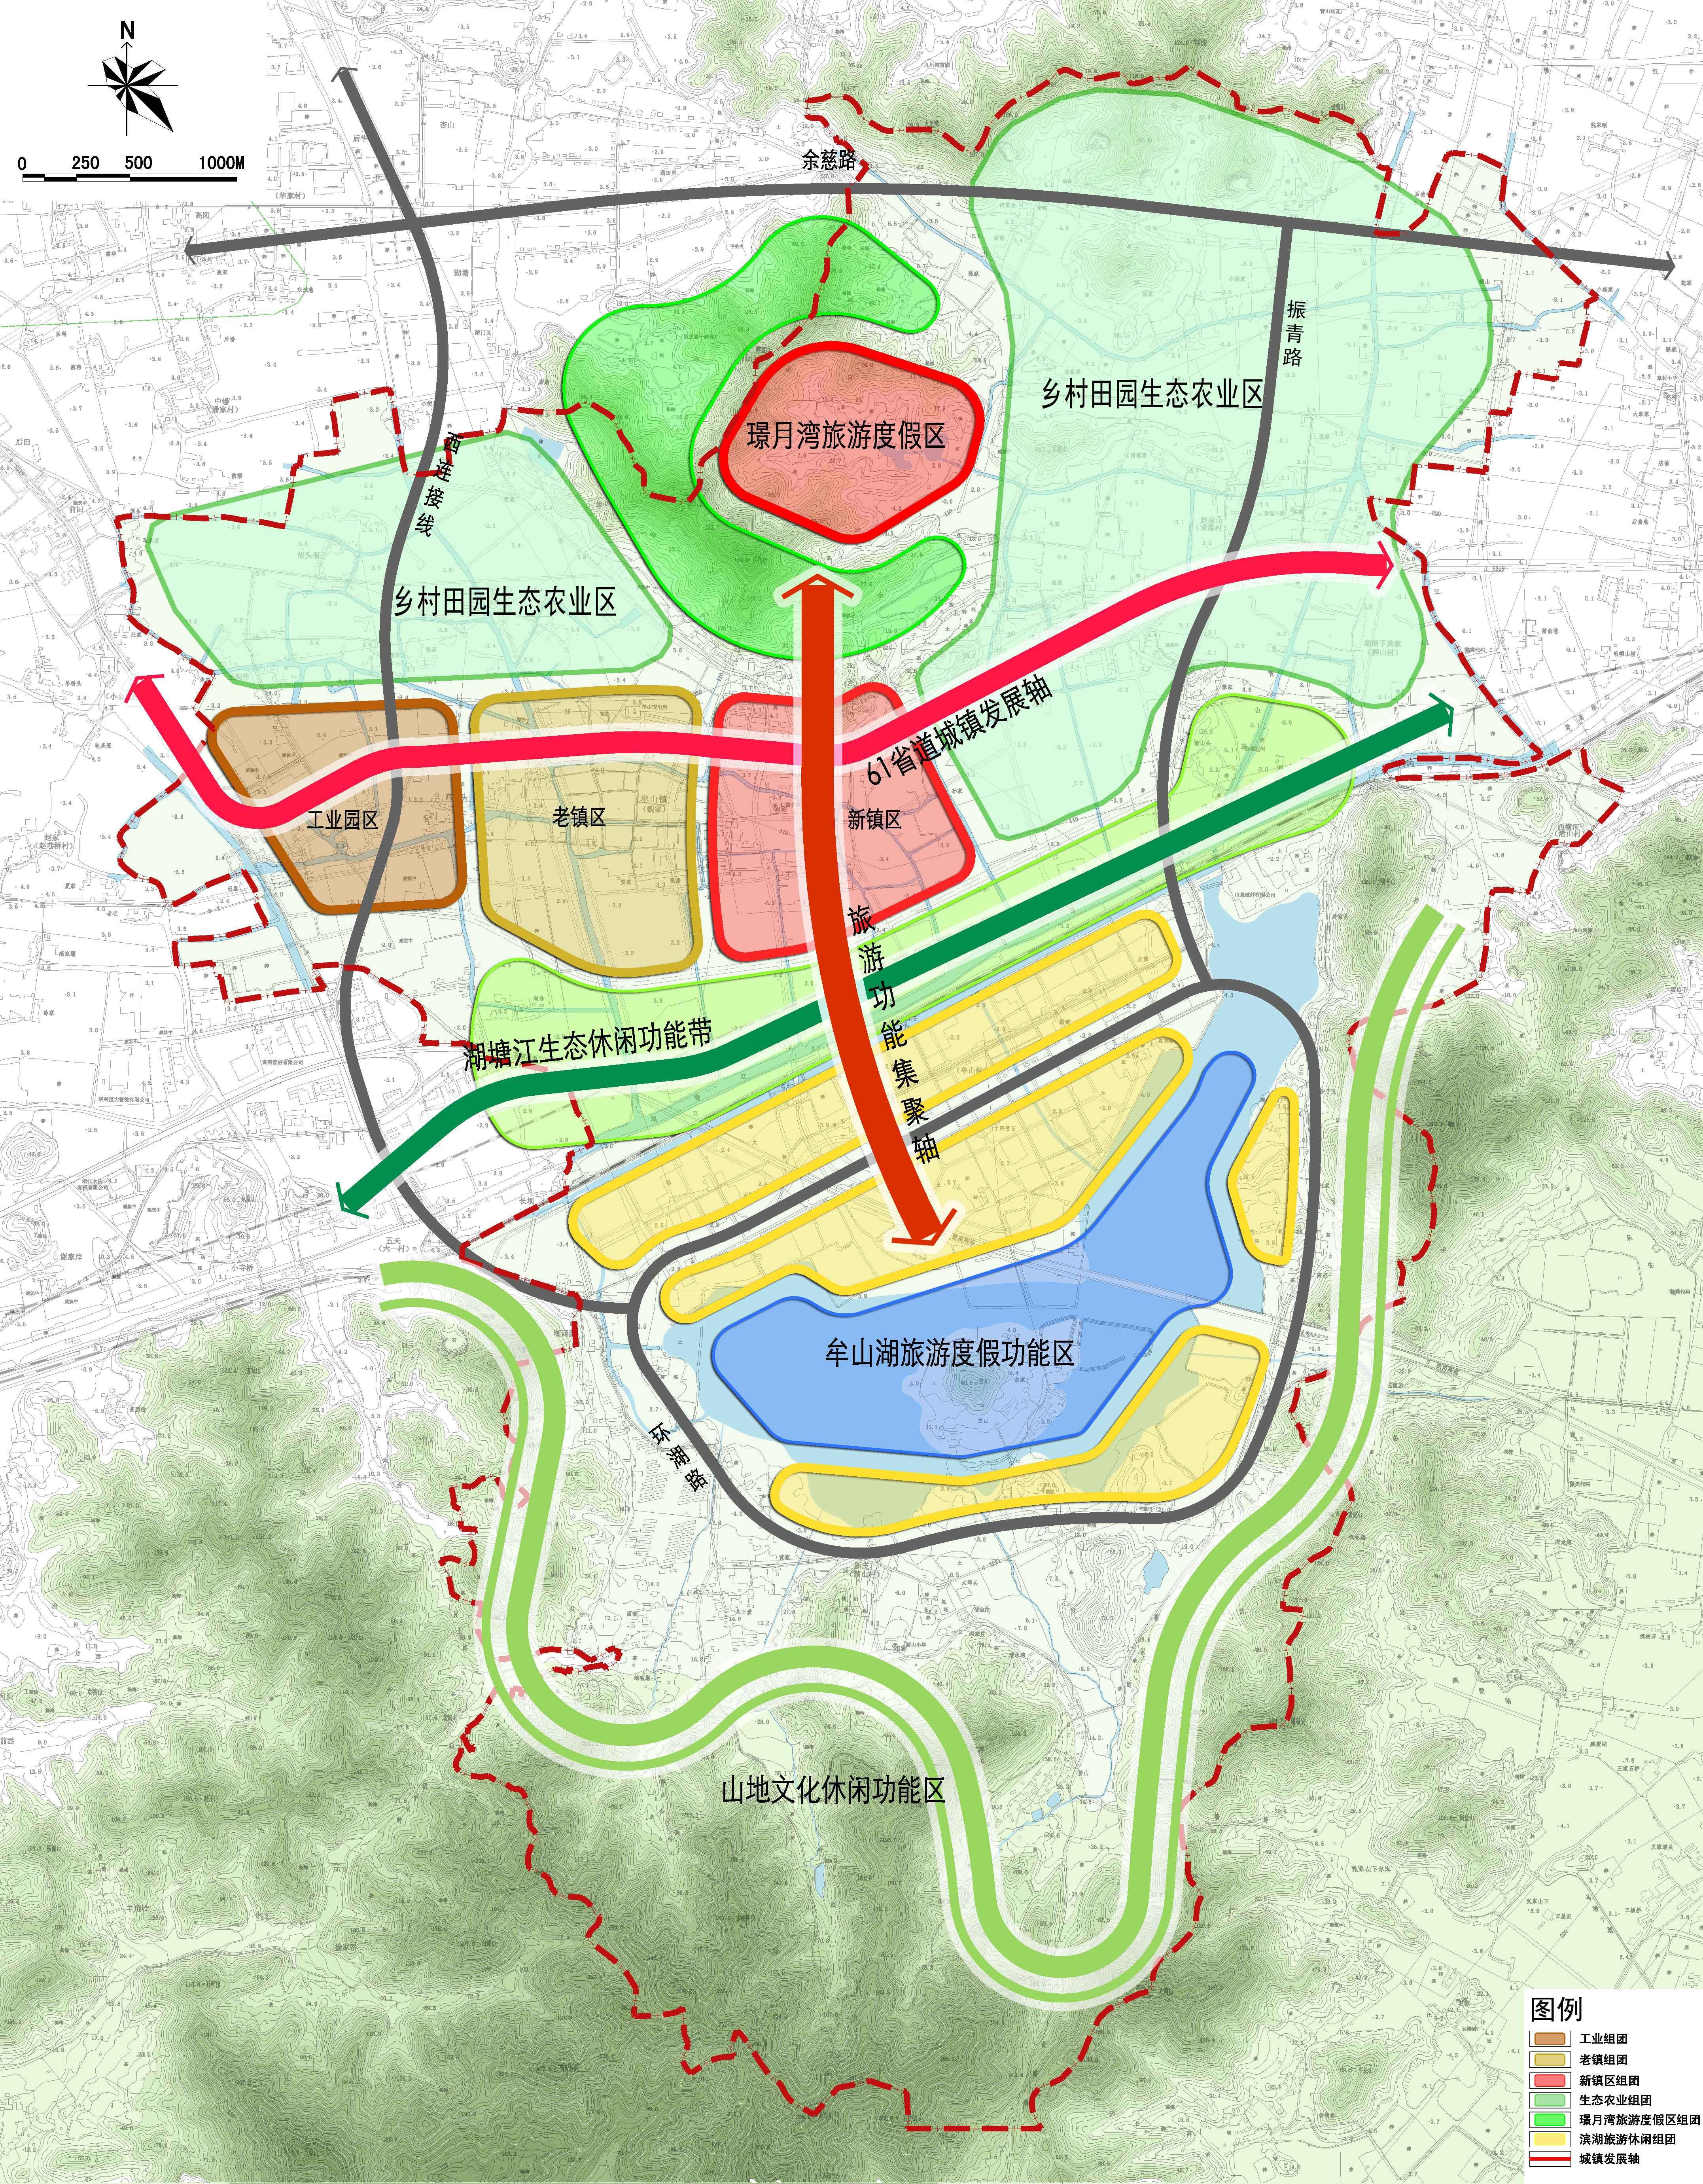 镇域规划结构图